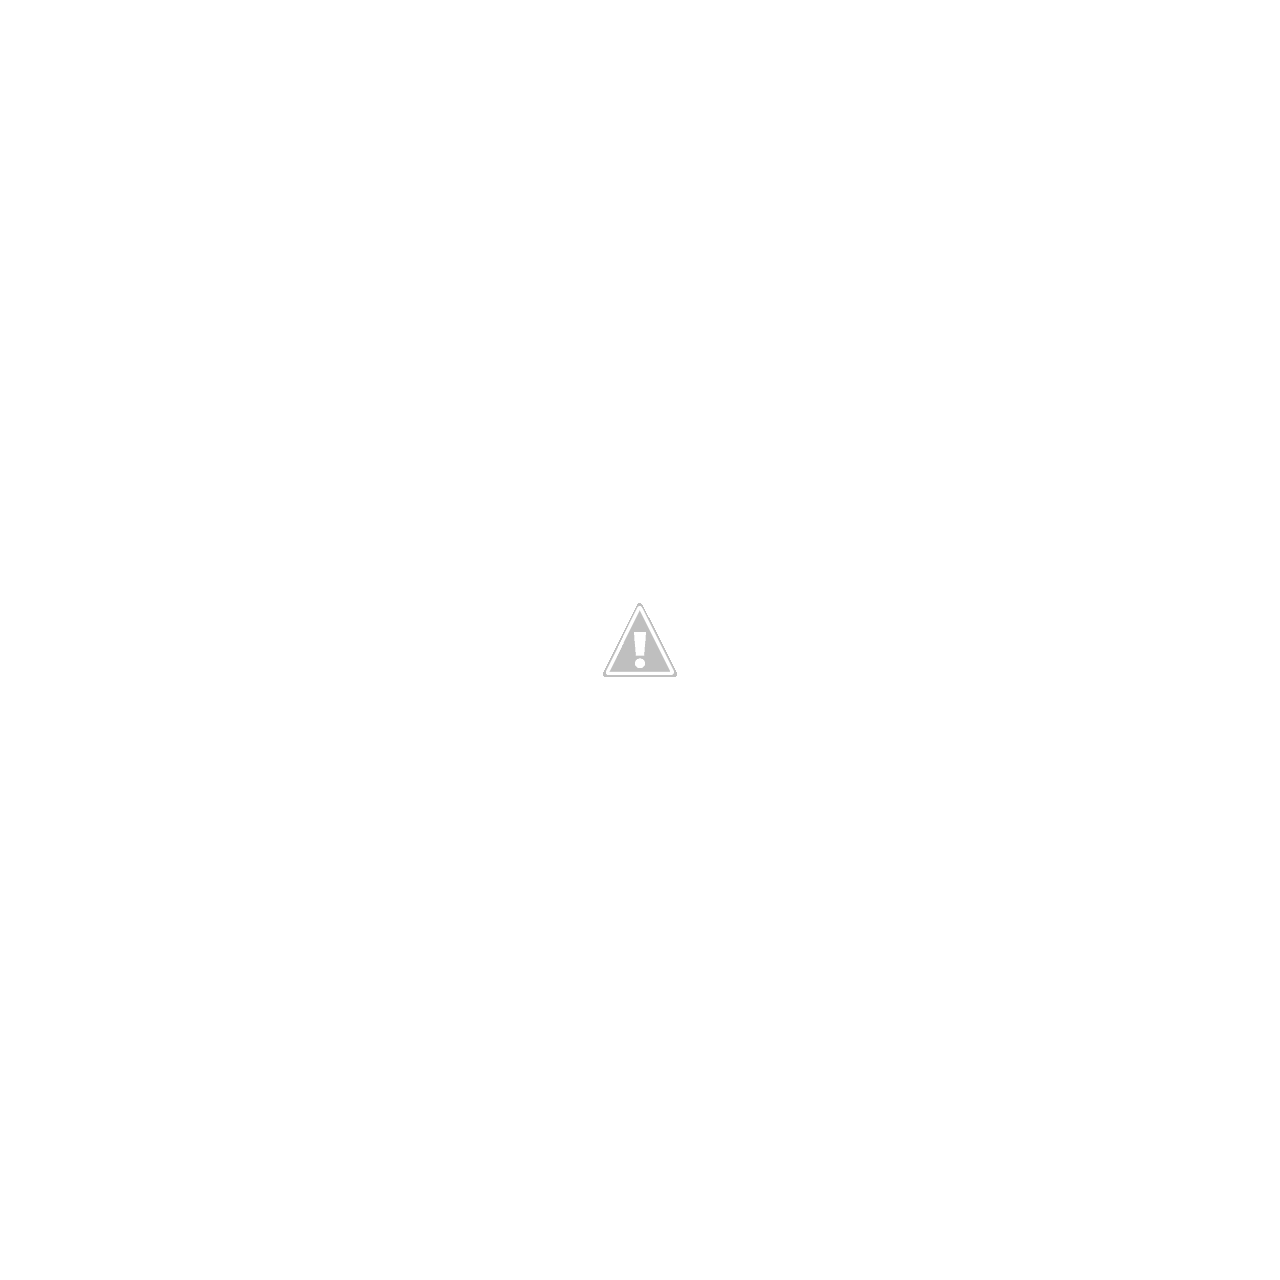 南北通餐廳 苗栗大湖 客家菜 | 客家合菜 | 喜慶婚宴 | 創意料理 - 餐廳